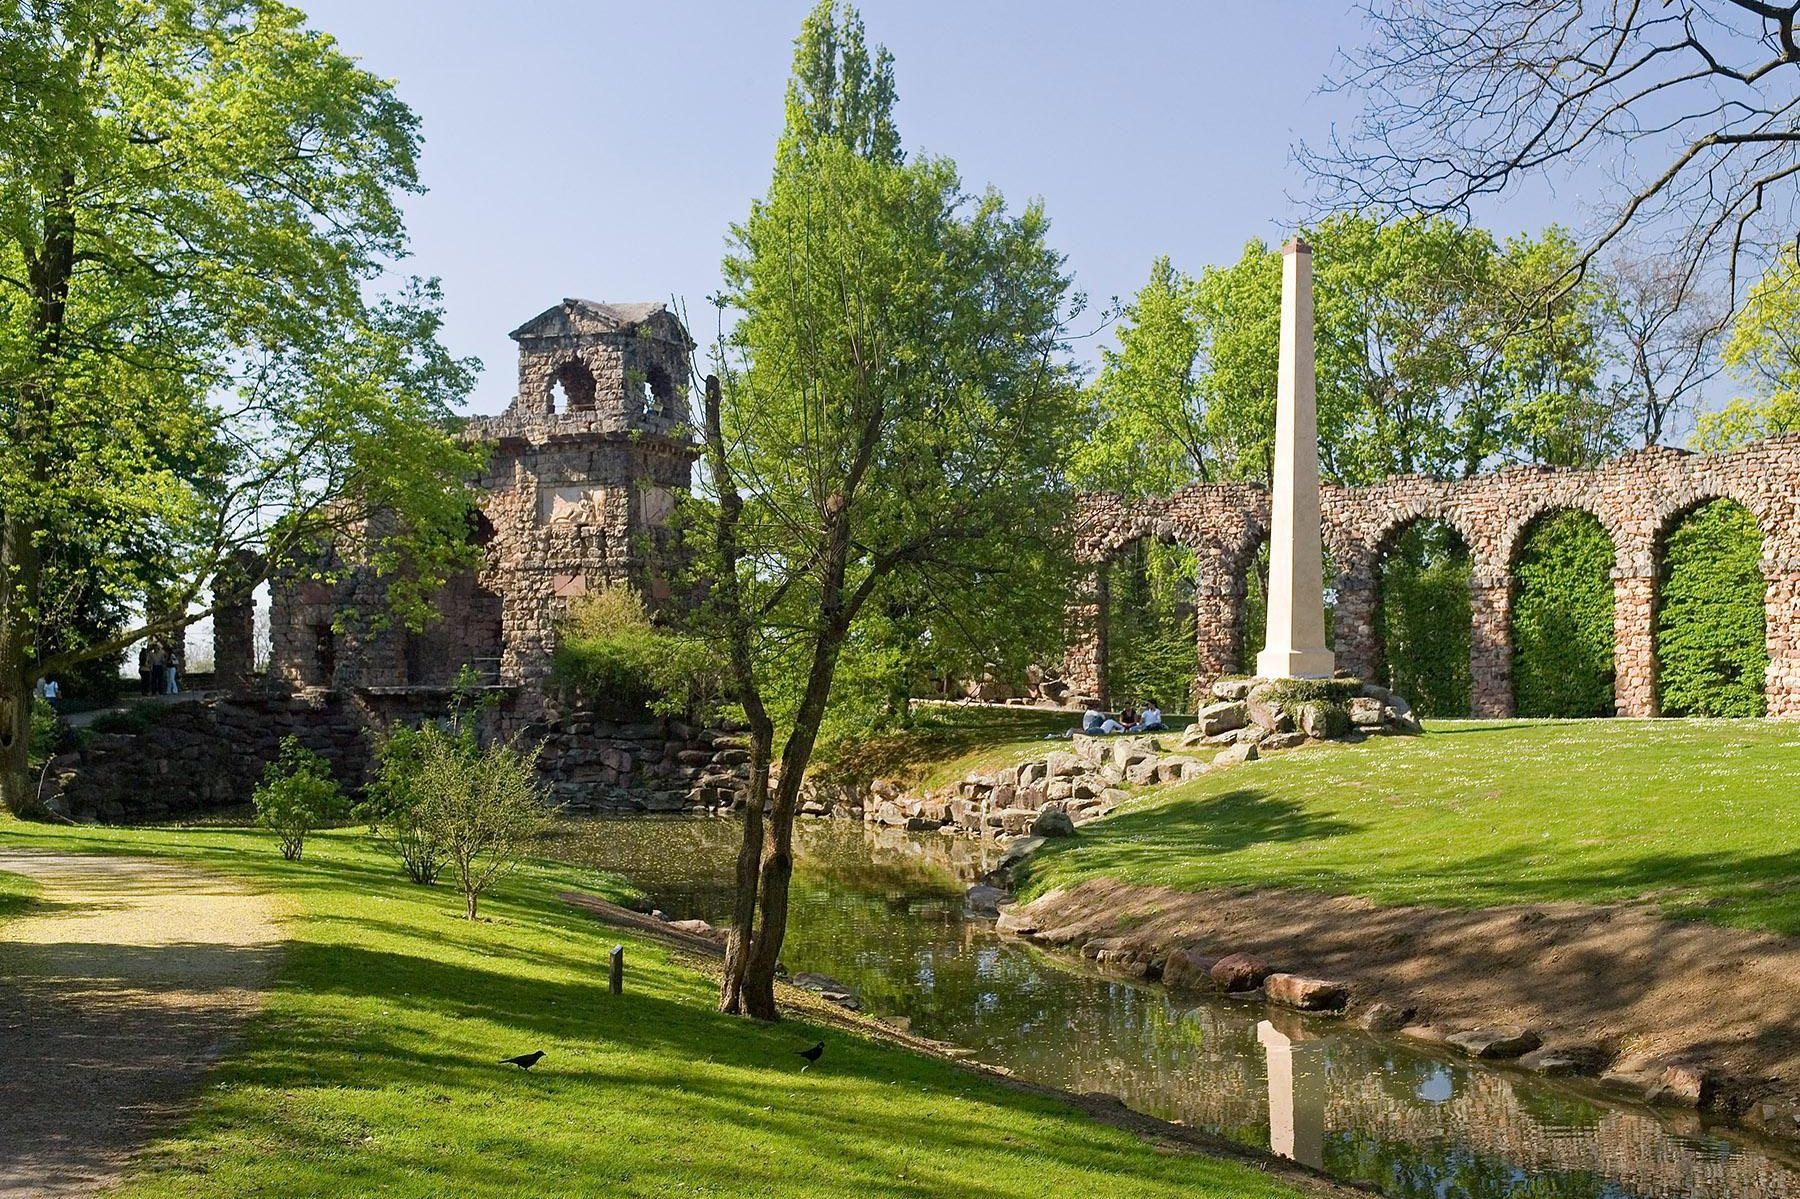 Schloss und Schlossgarten Schwetzingen, Römische Wasserleitung; Foto: Staatliche Schlösser und Gärten Baden-Württemberg, Arnim Weischer